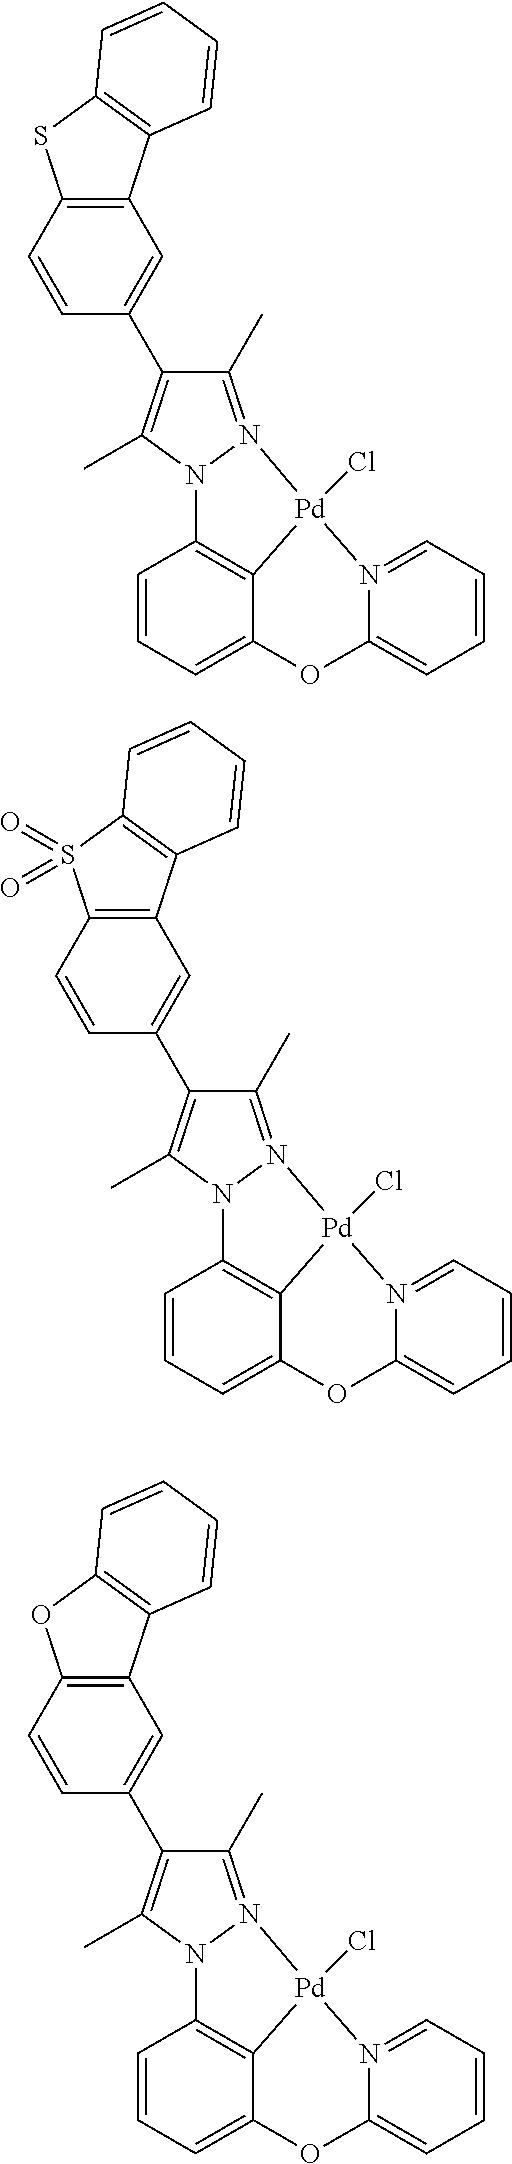 Figure US09818959-20171114-C00534